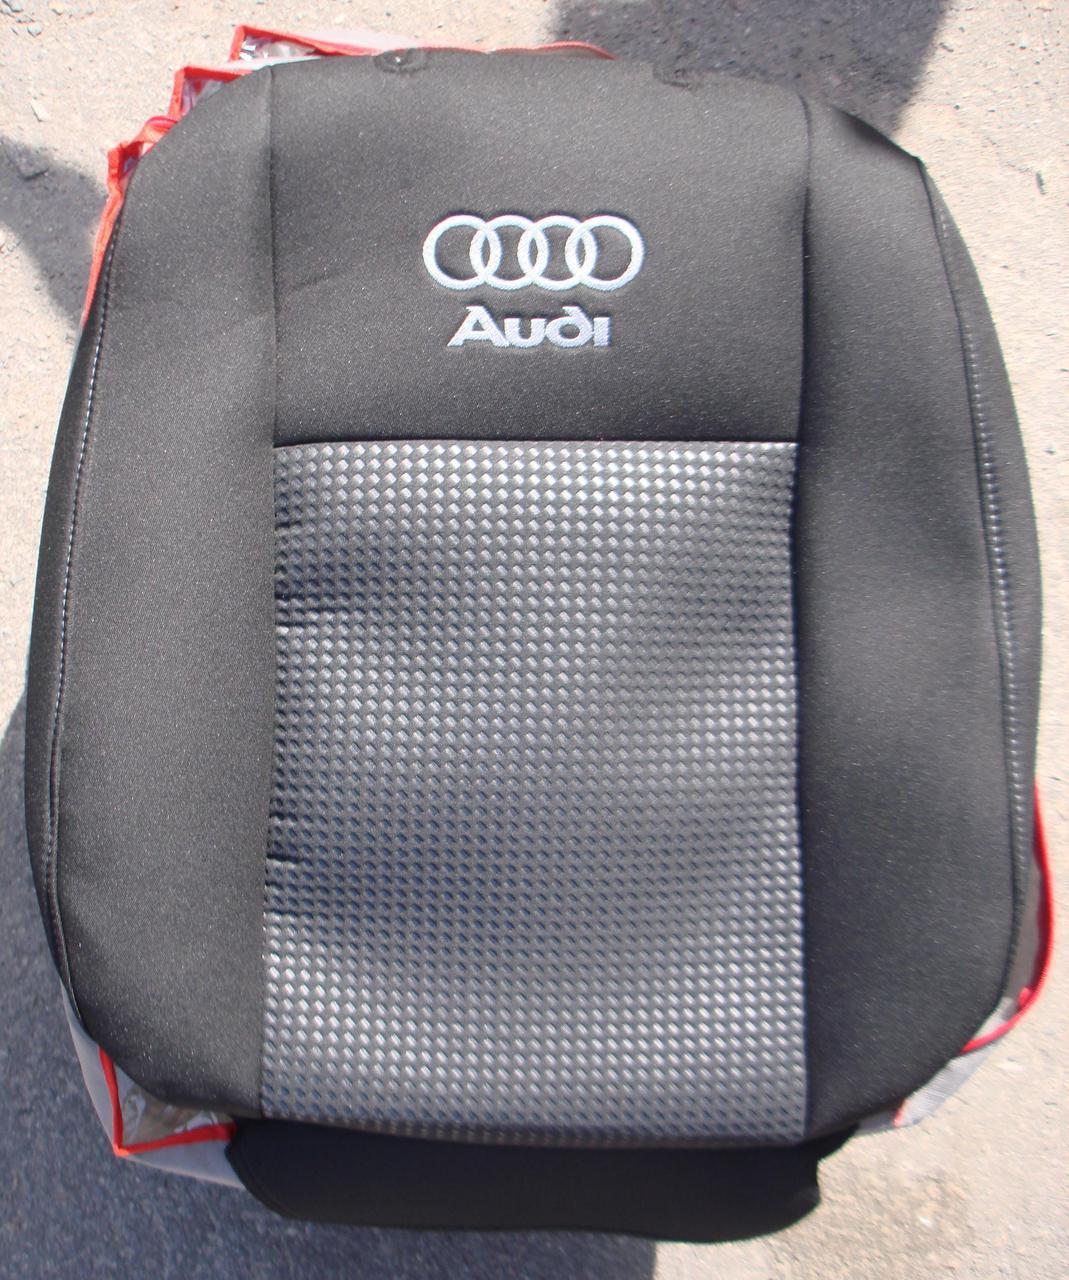 Авточехлы VIP AUDI A6 Avant (C-7)2011р→ автомобильные модельные чехлы на для сиденья сидений салона AUDI Ауди A6